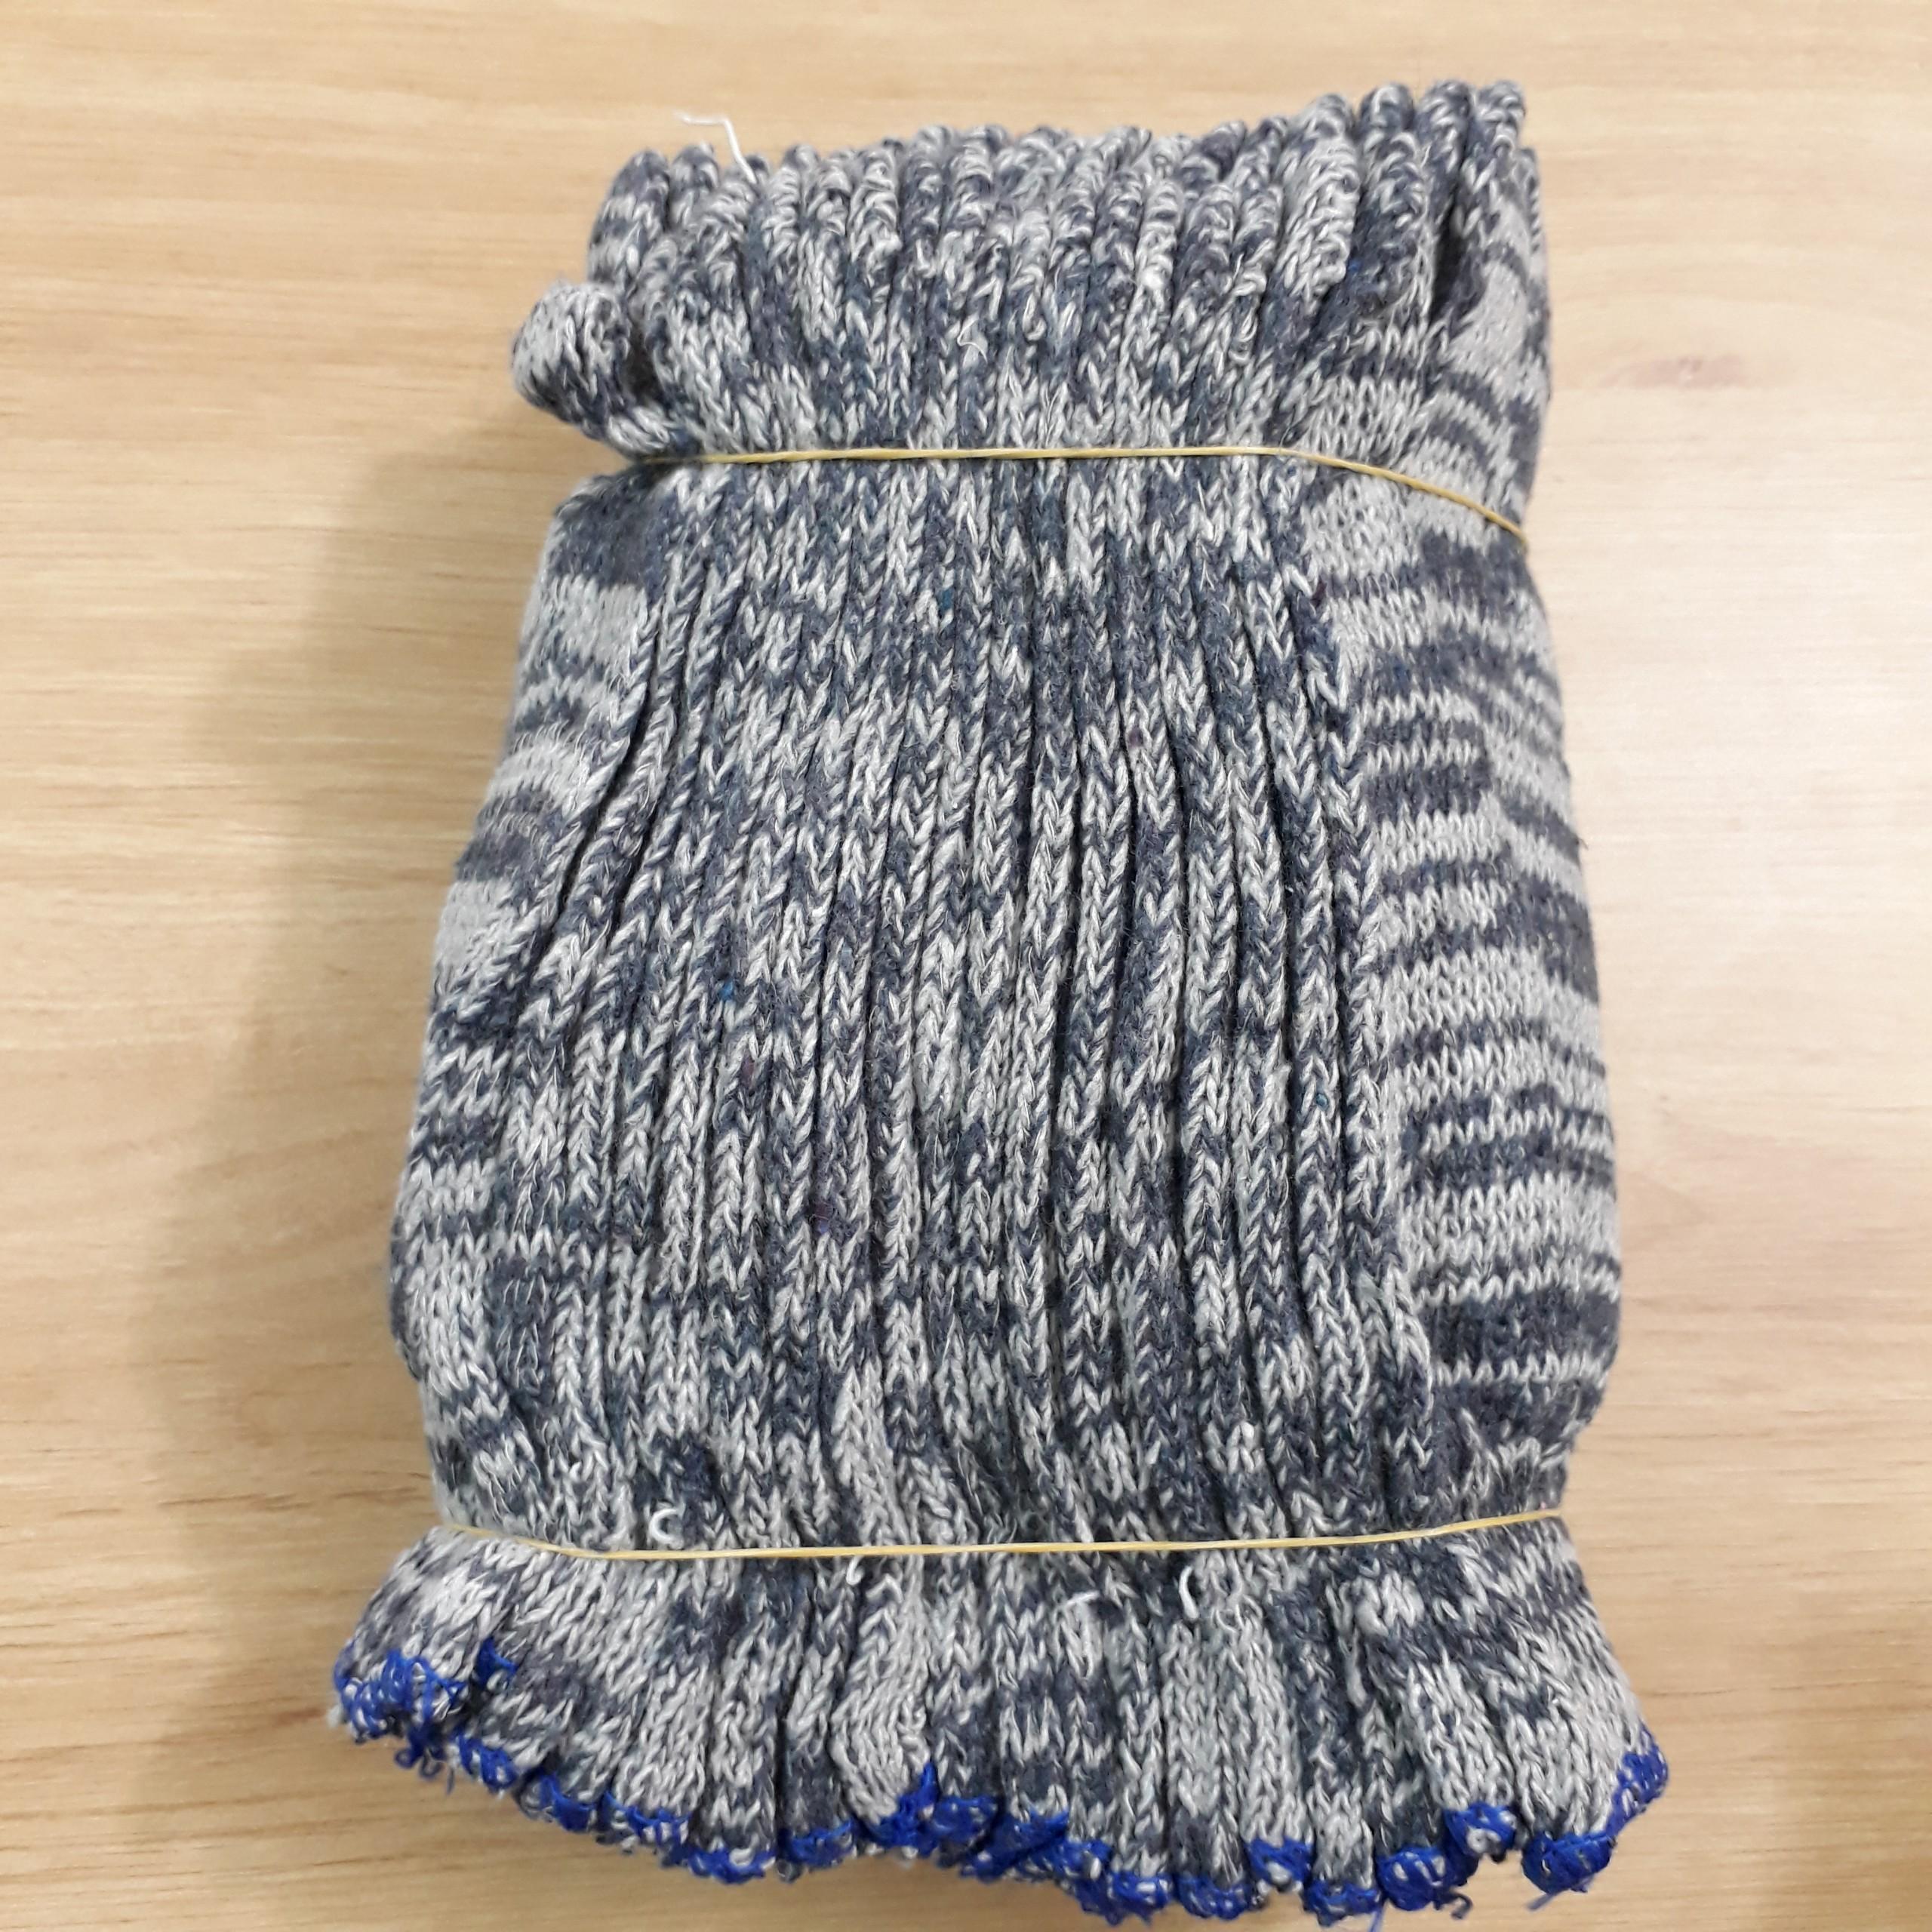 Găng tay bảo hộ bằng len màu muối tiêu 40g  VietNam | Giá rẻ nhất - Công Ty TNHH Thương Mại Dịch Vụ Đạt Tâm